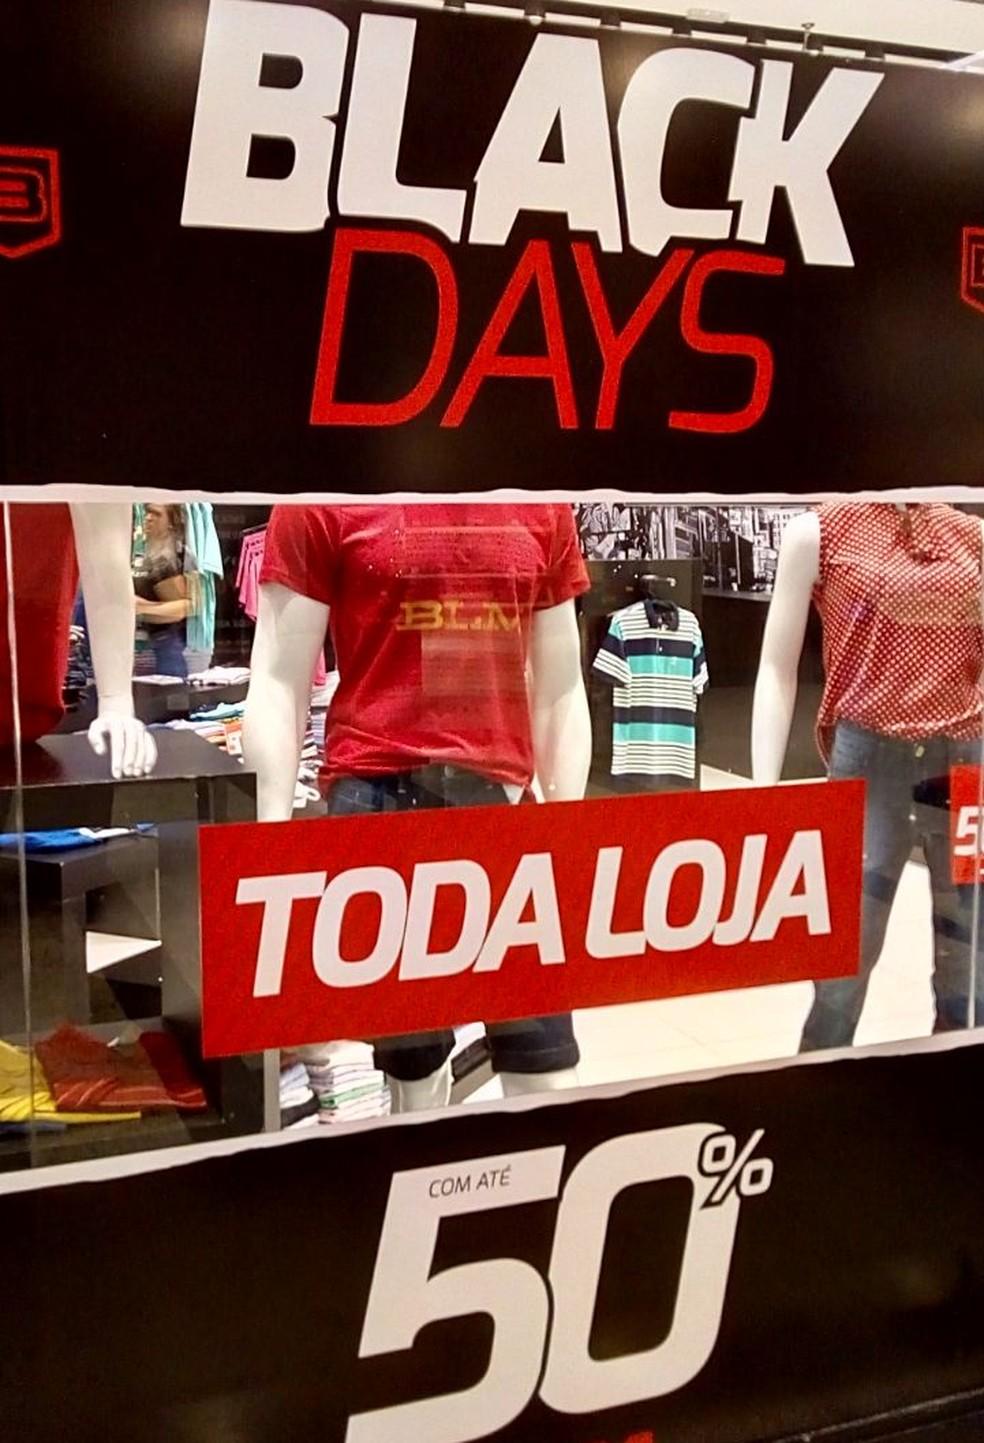 aa8caa01d ... Loja de roupas oferece descontos de até 50% em shopping — Foto  Várzea  Grande